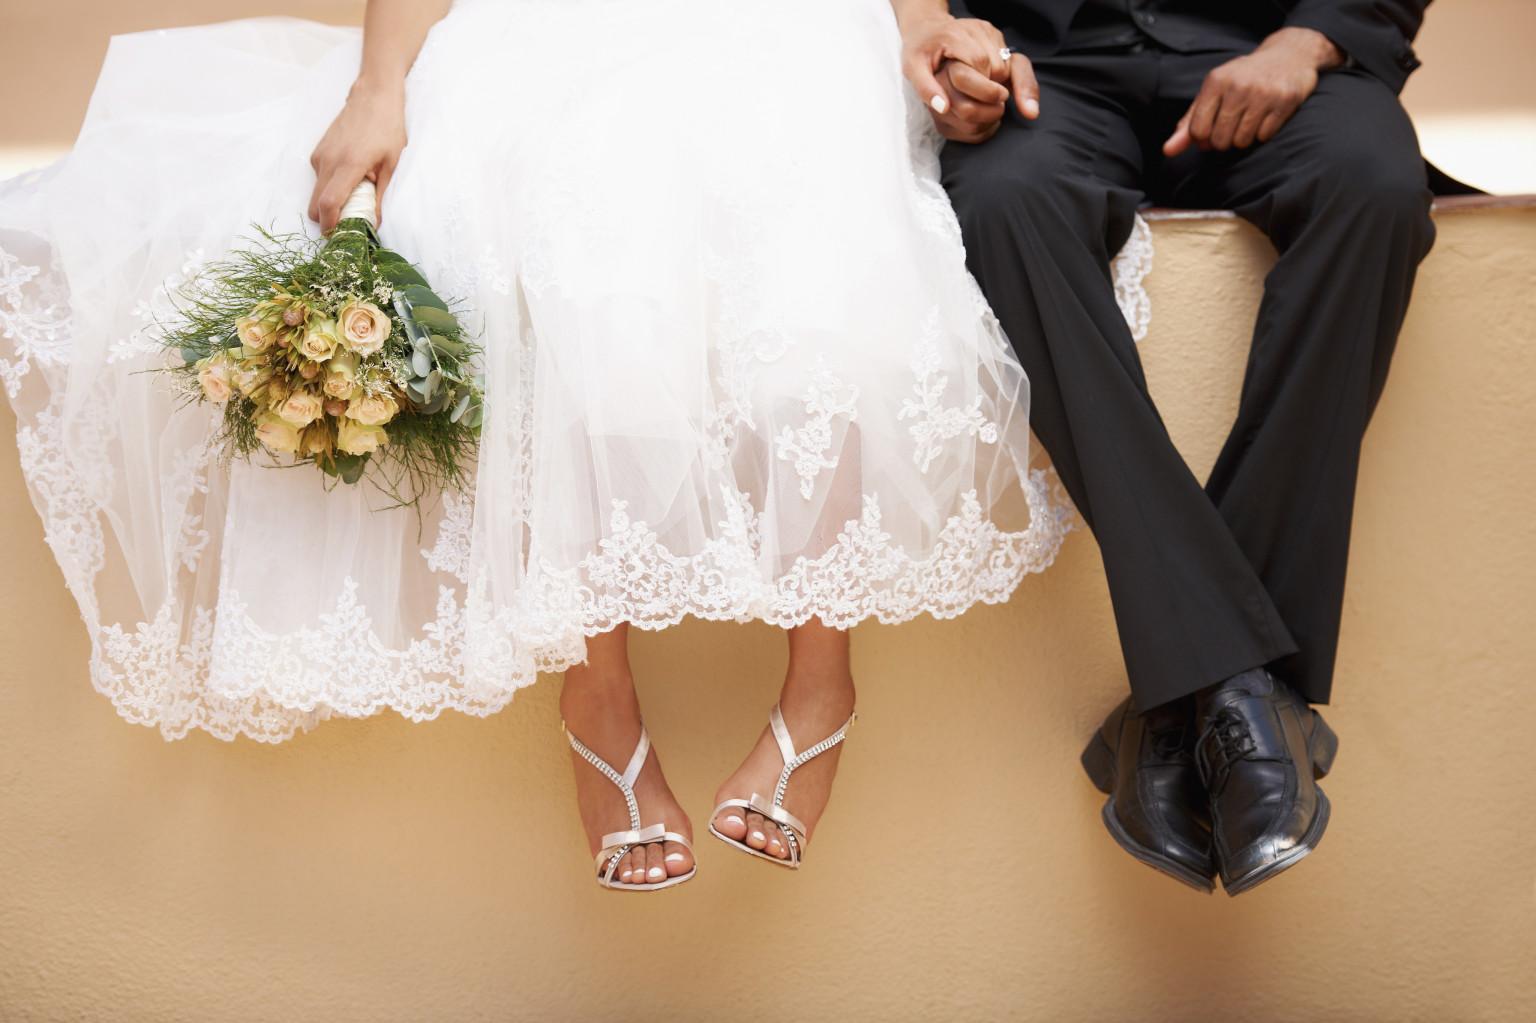 افضل طريقه لازالة شعر المناطق الحساسه للعروس